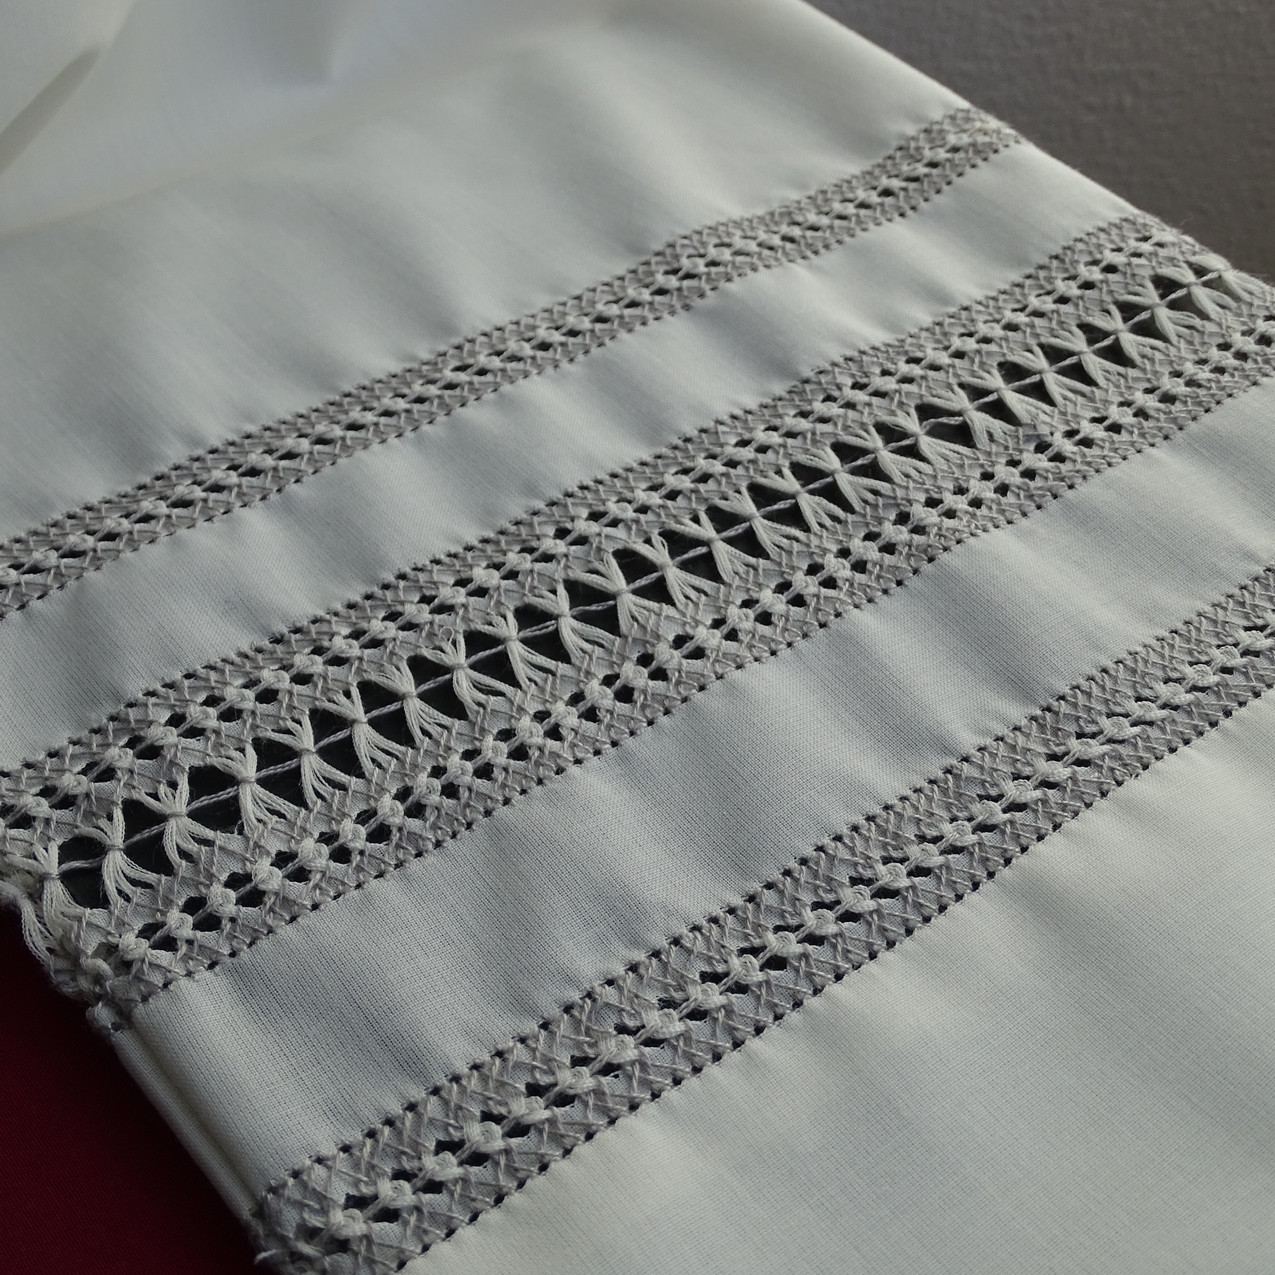 Sfilatura di gigliuccio a mano realizzata sulla manica di un camice sacerdotale in fresco di lana